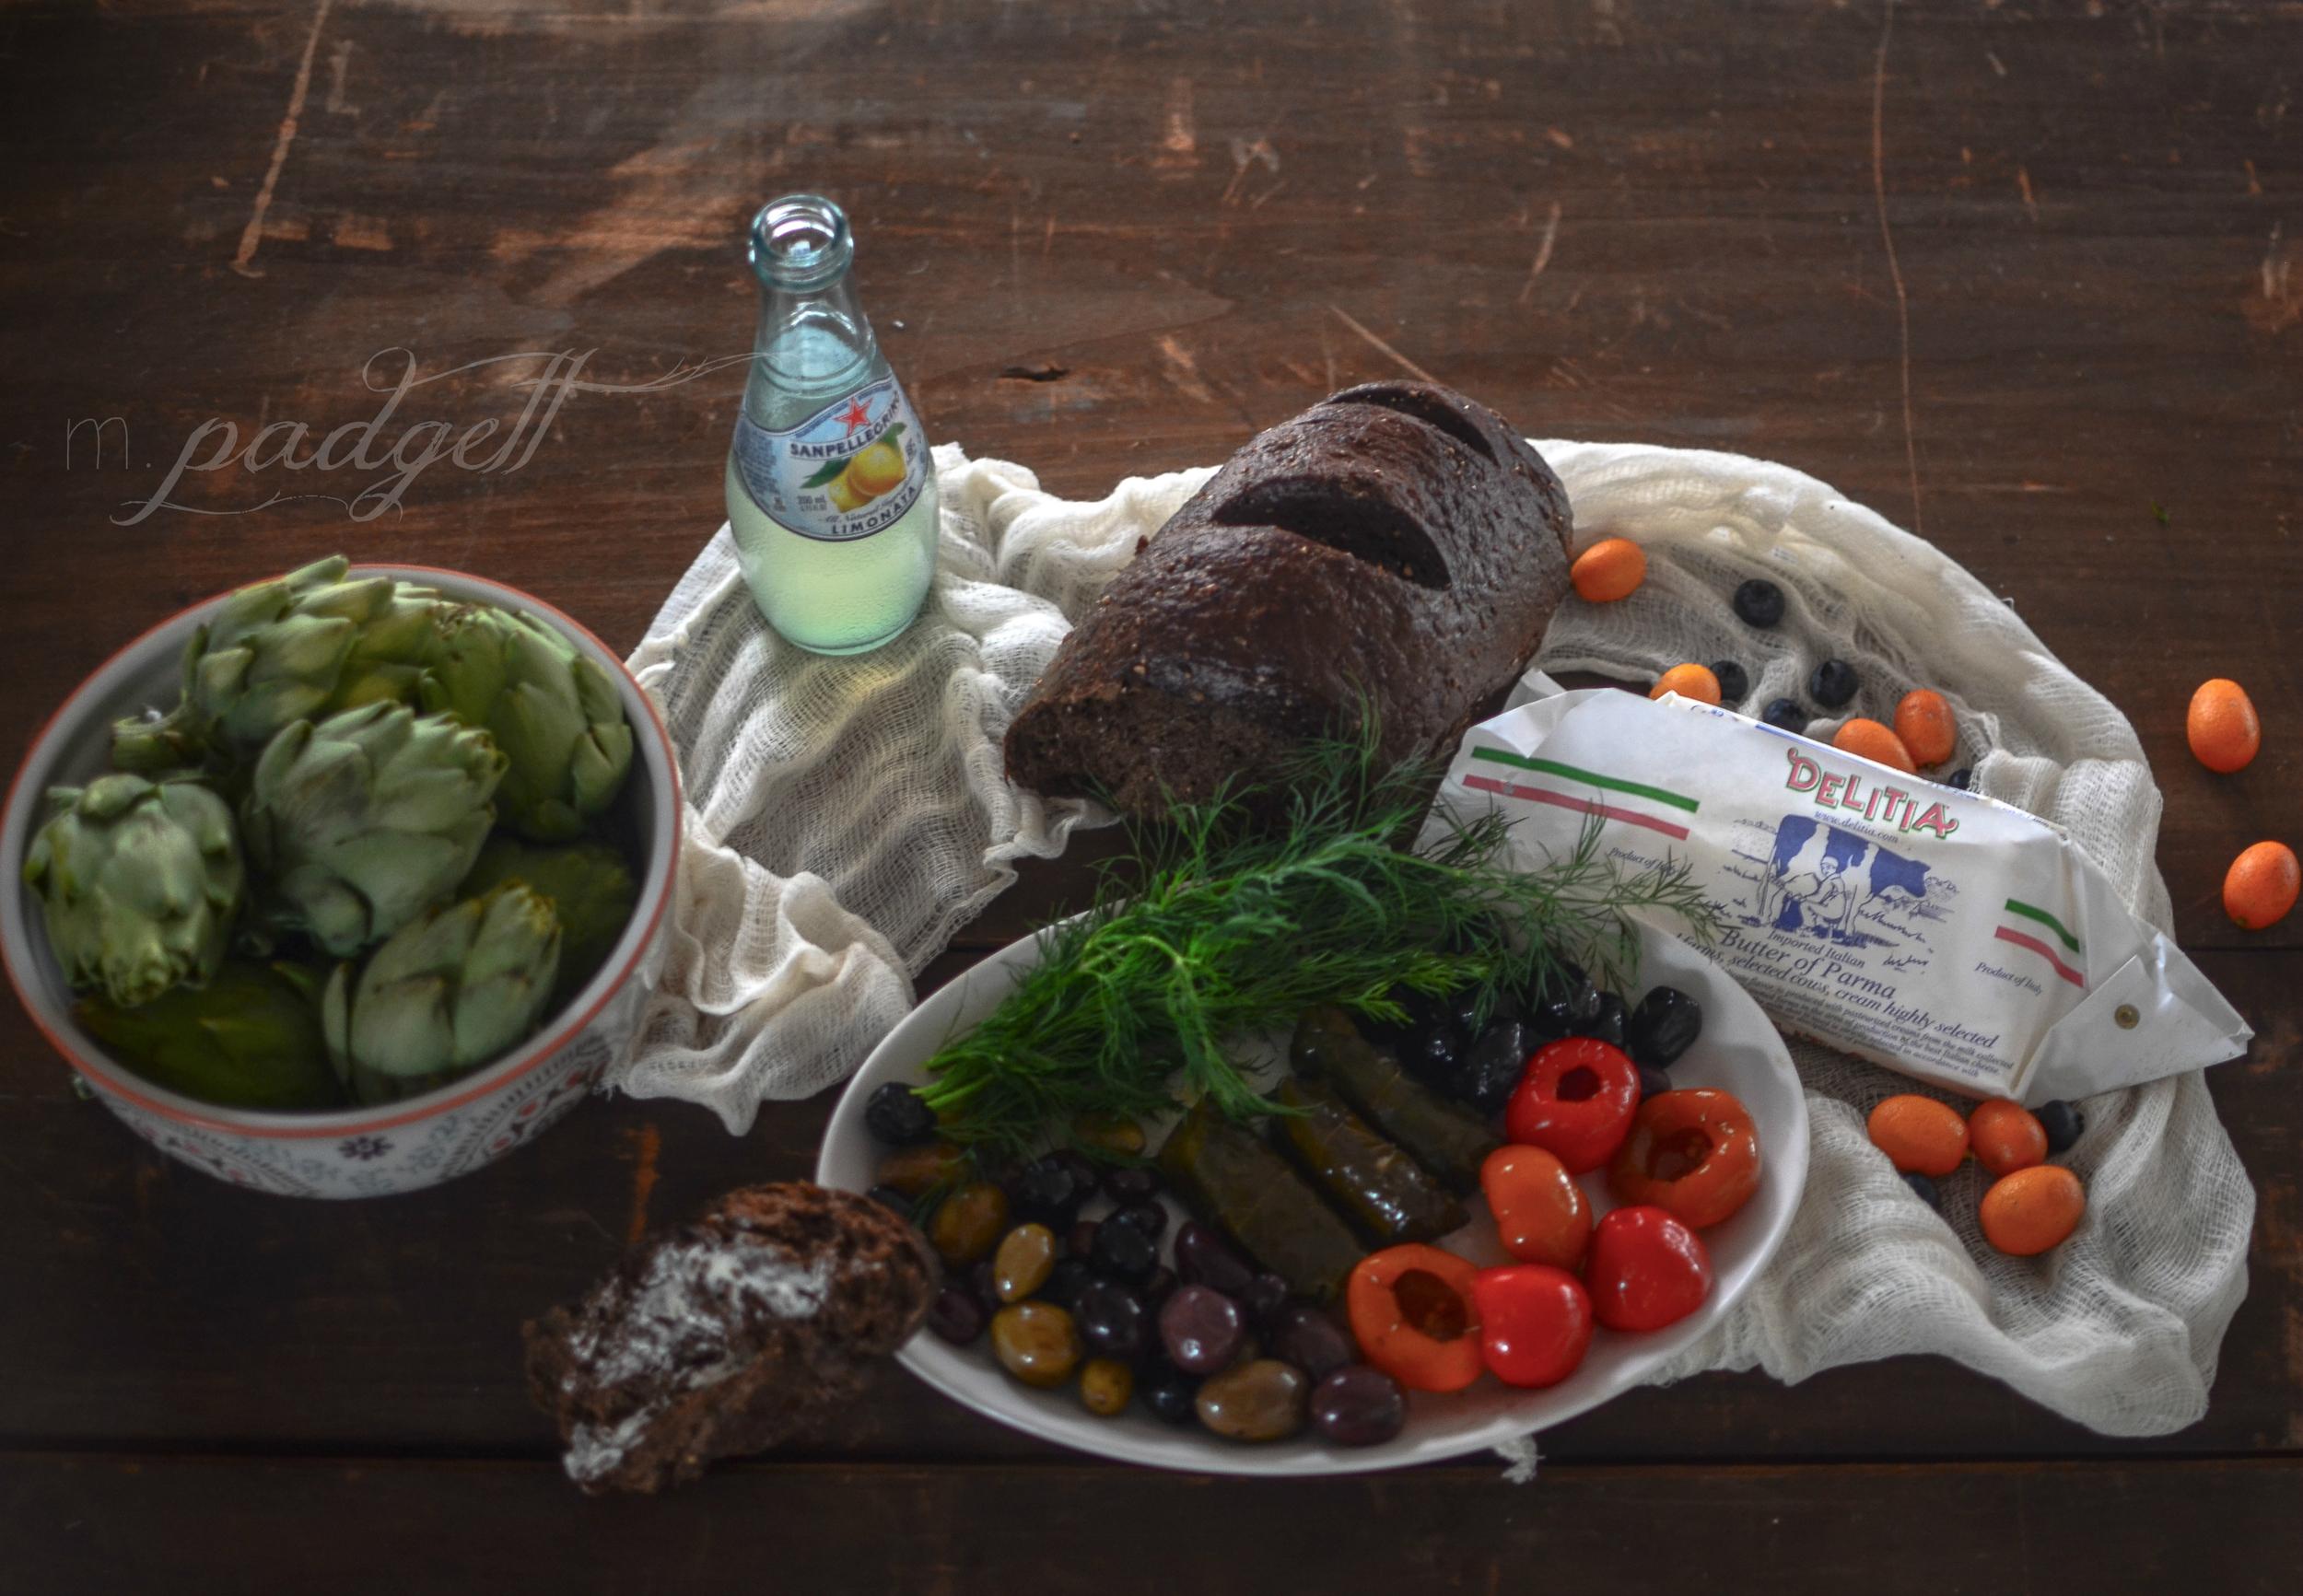 Foodie-13 - watermark.jpg